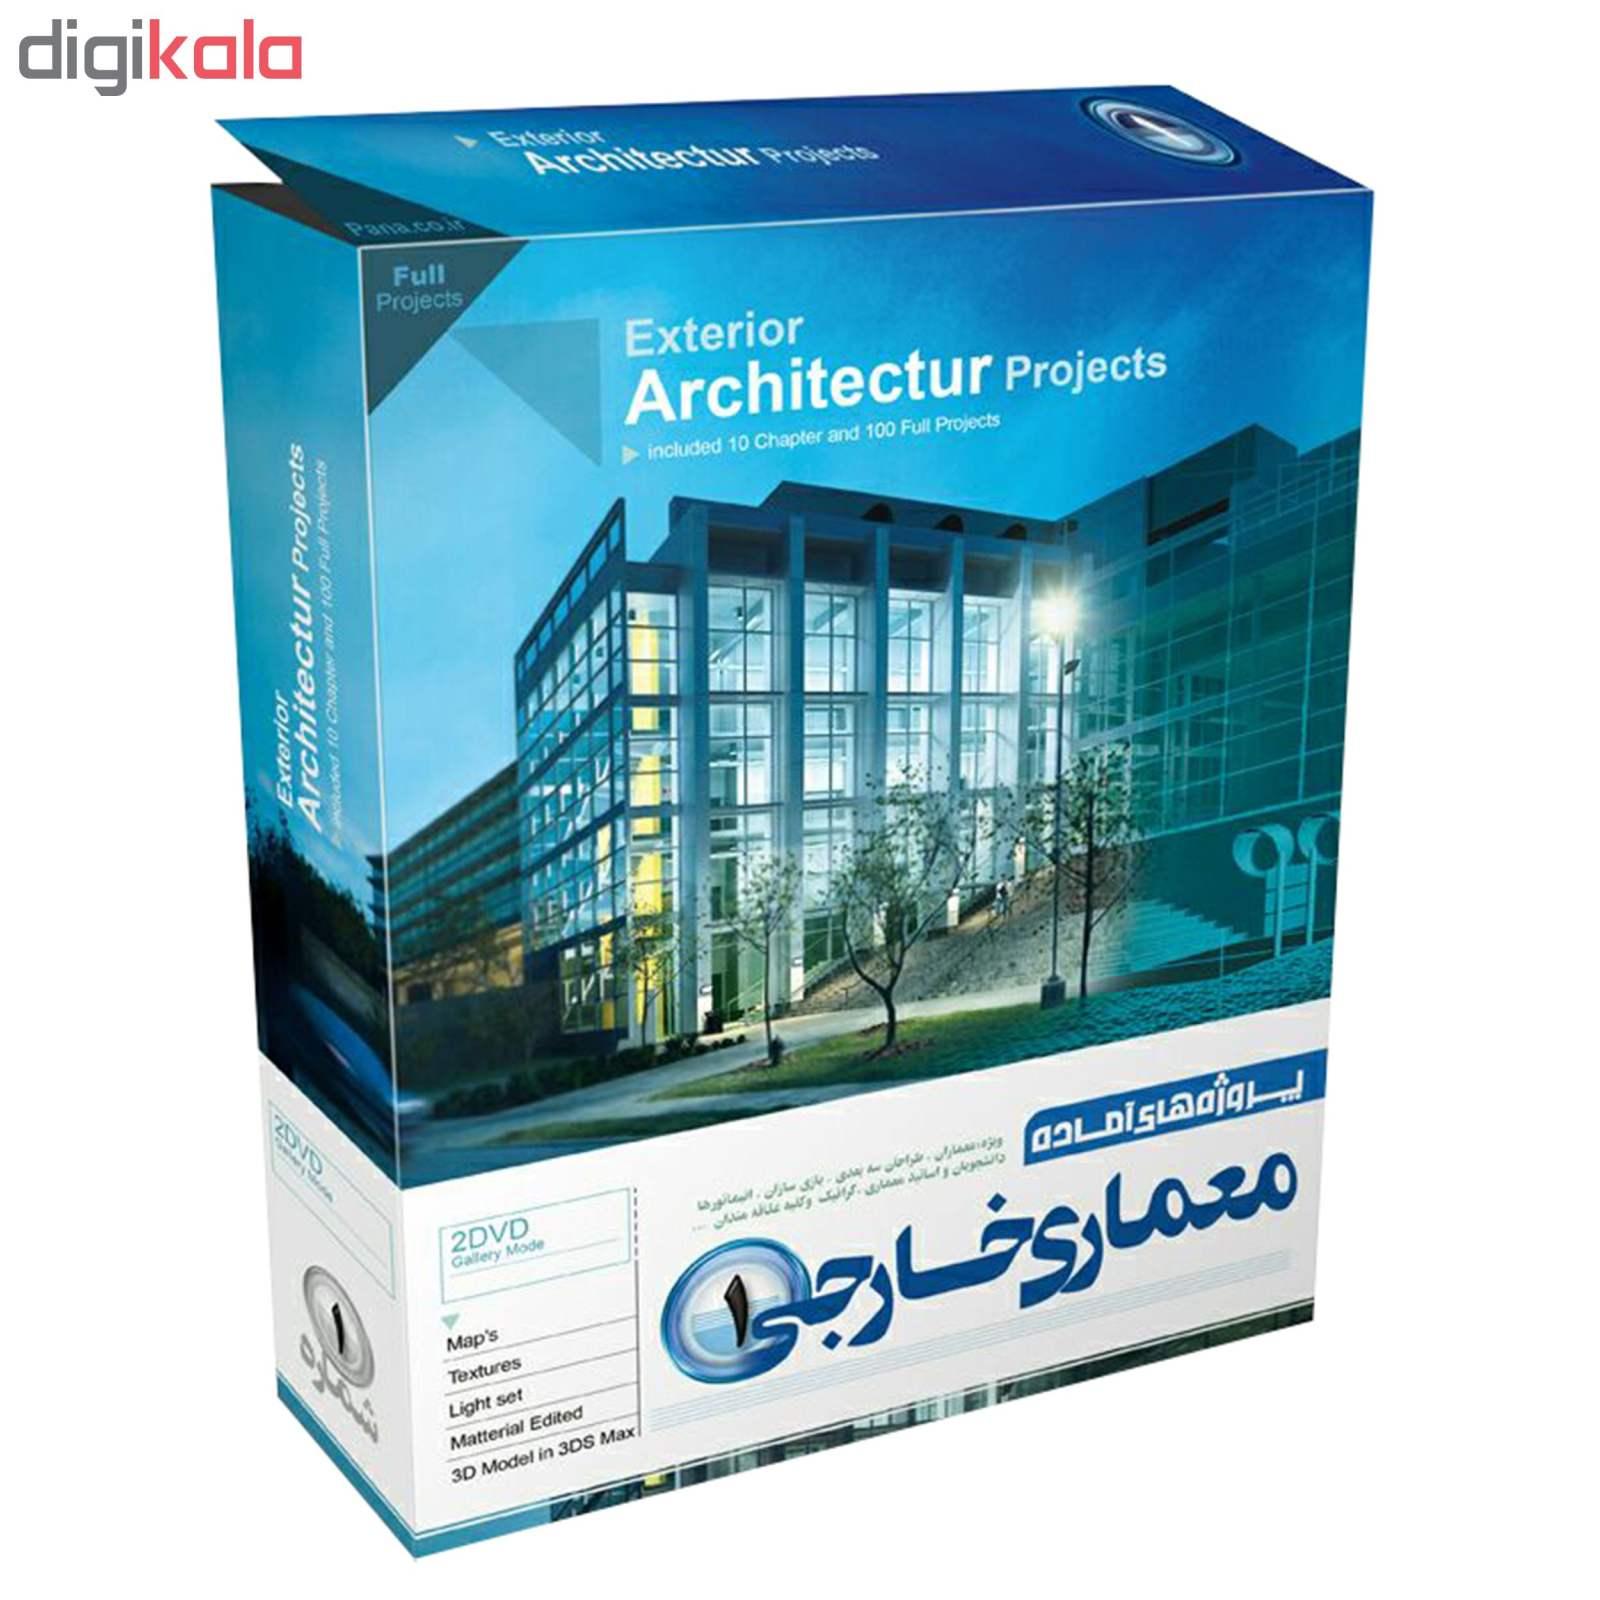 مجموعه پروژه های آماده معماری خارجی  نشر پاناپرداز